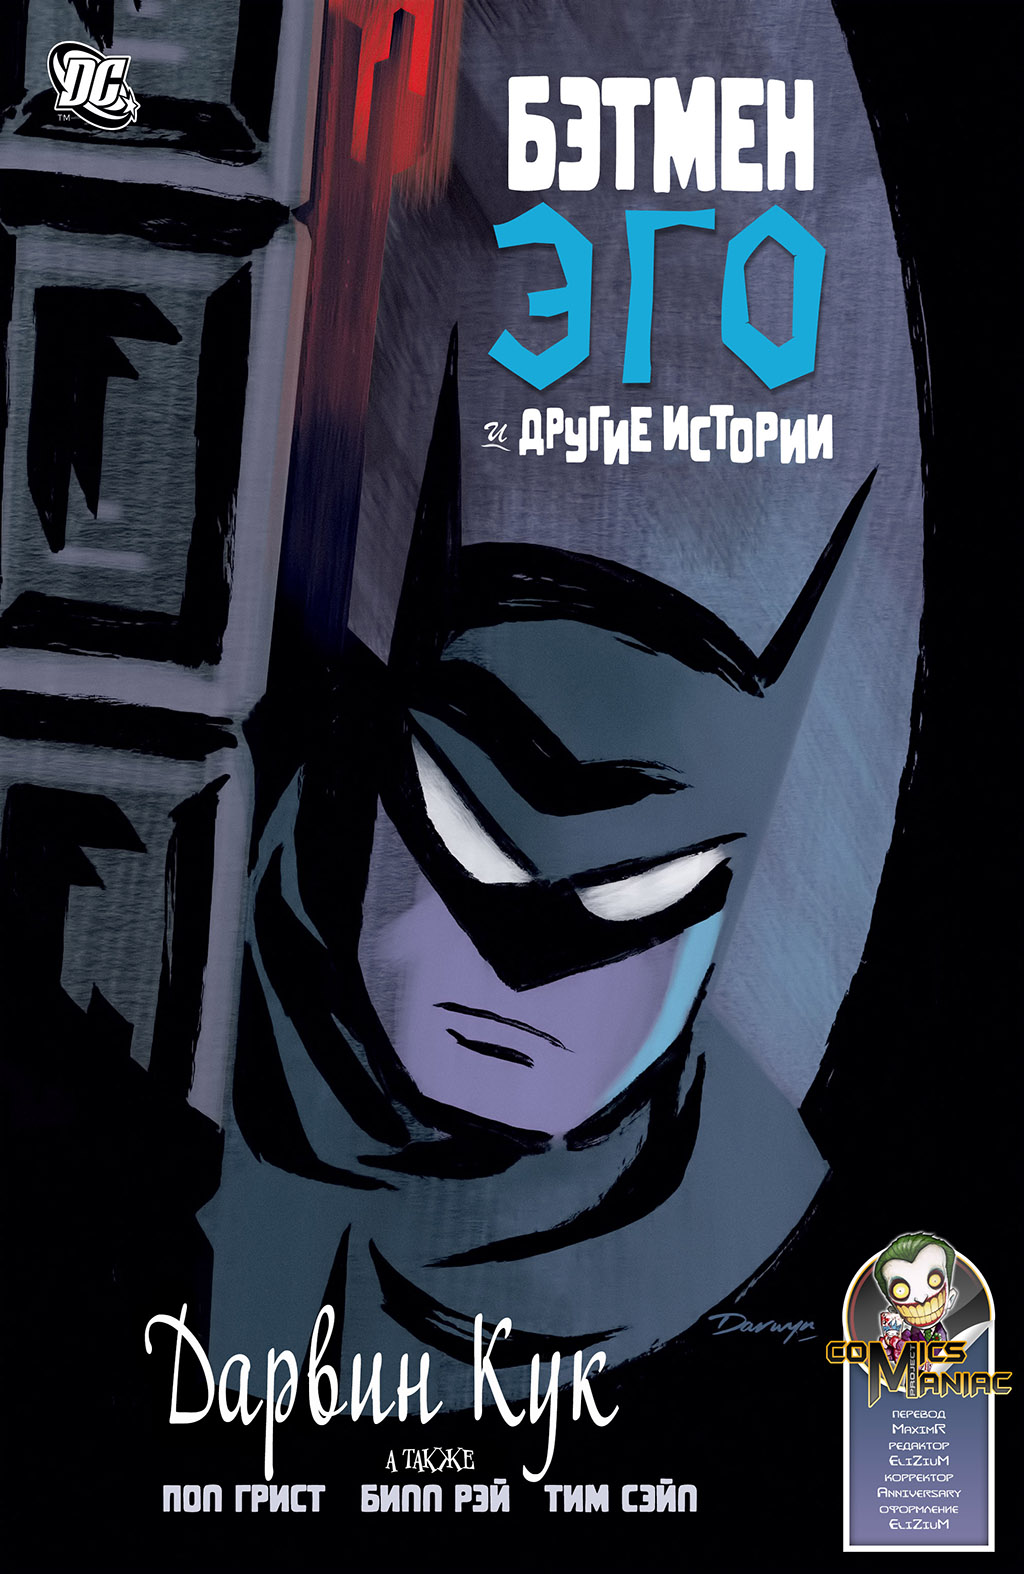 Комикс Бэтмен - Эго и Другие Истории